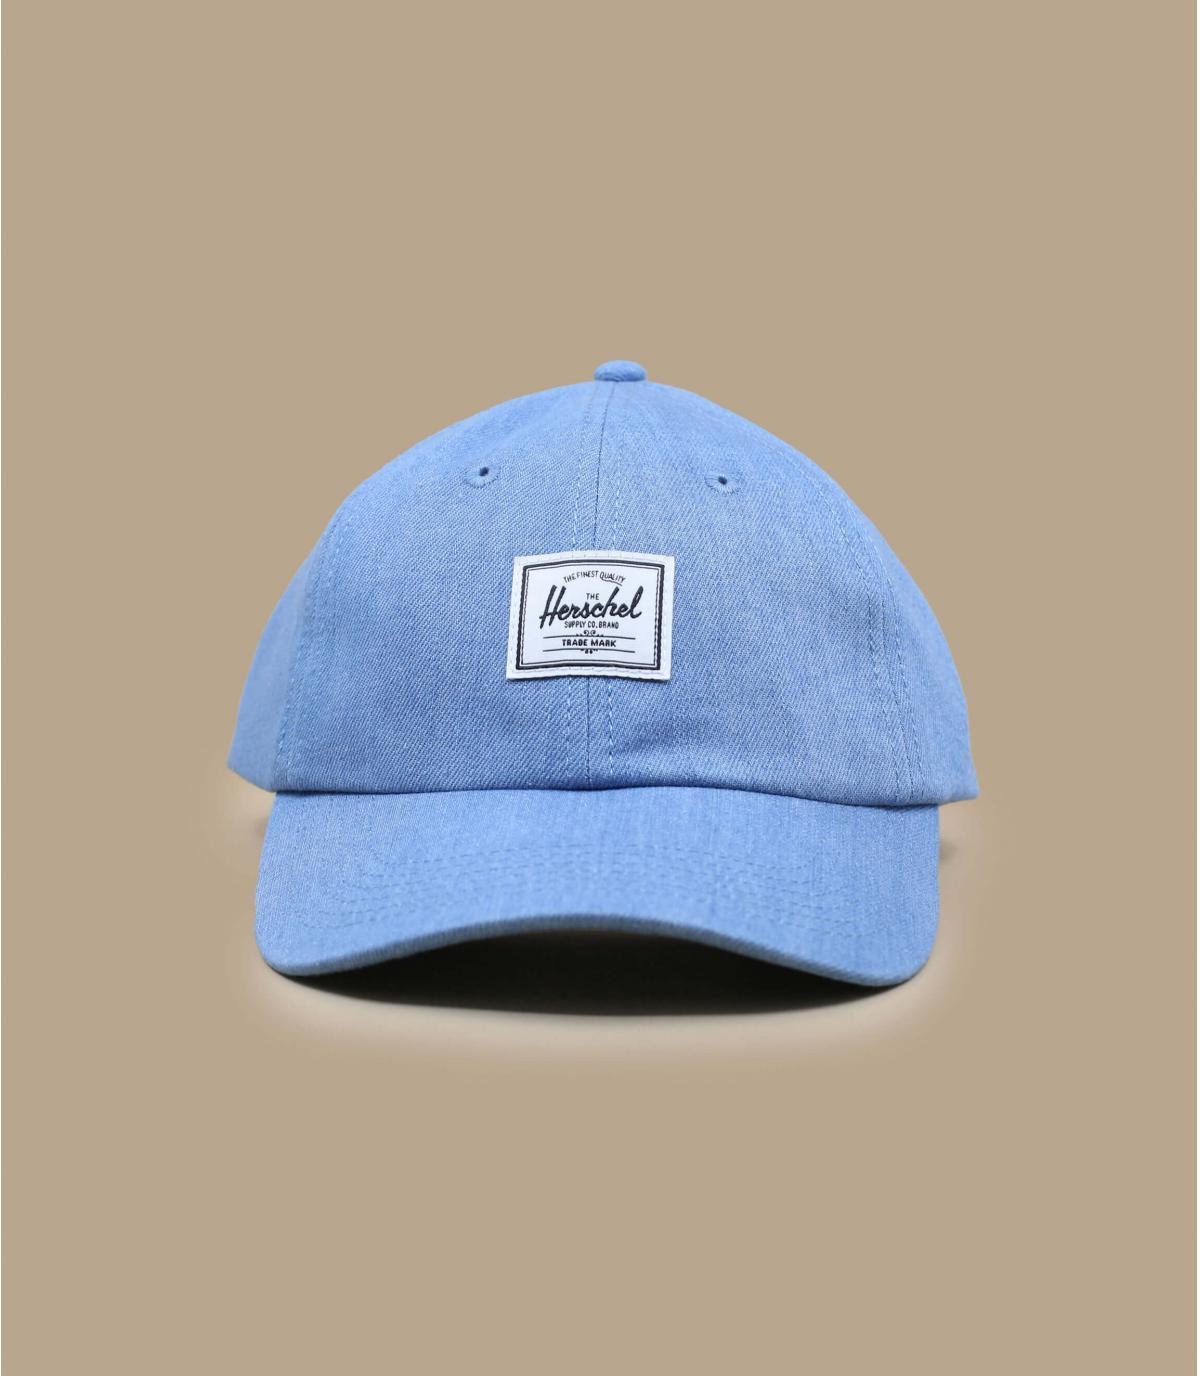 hemelsblauwe Herschel cap